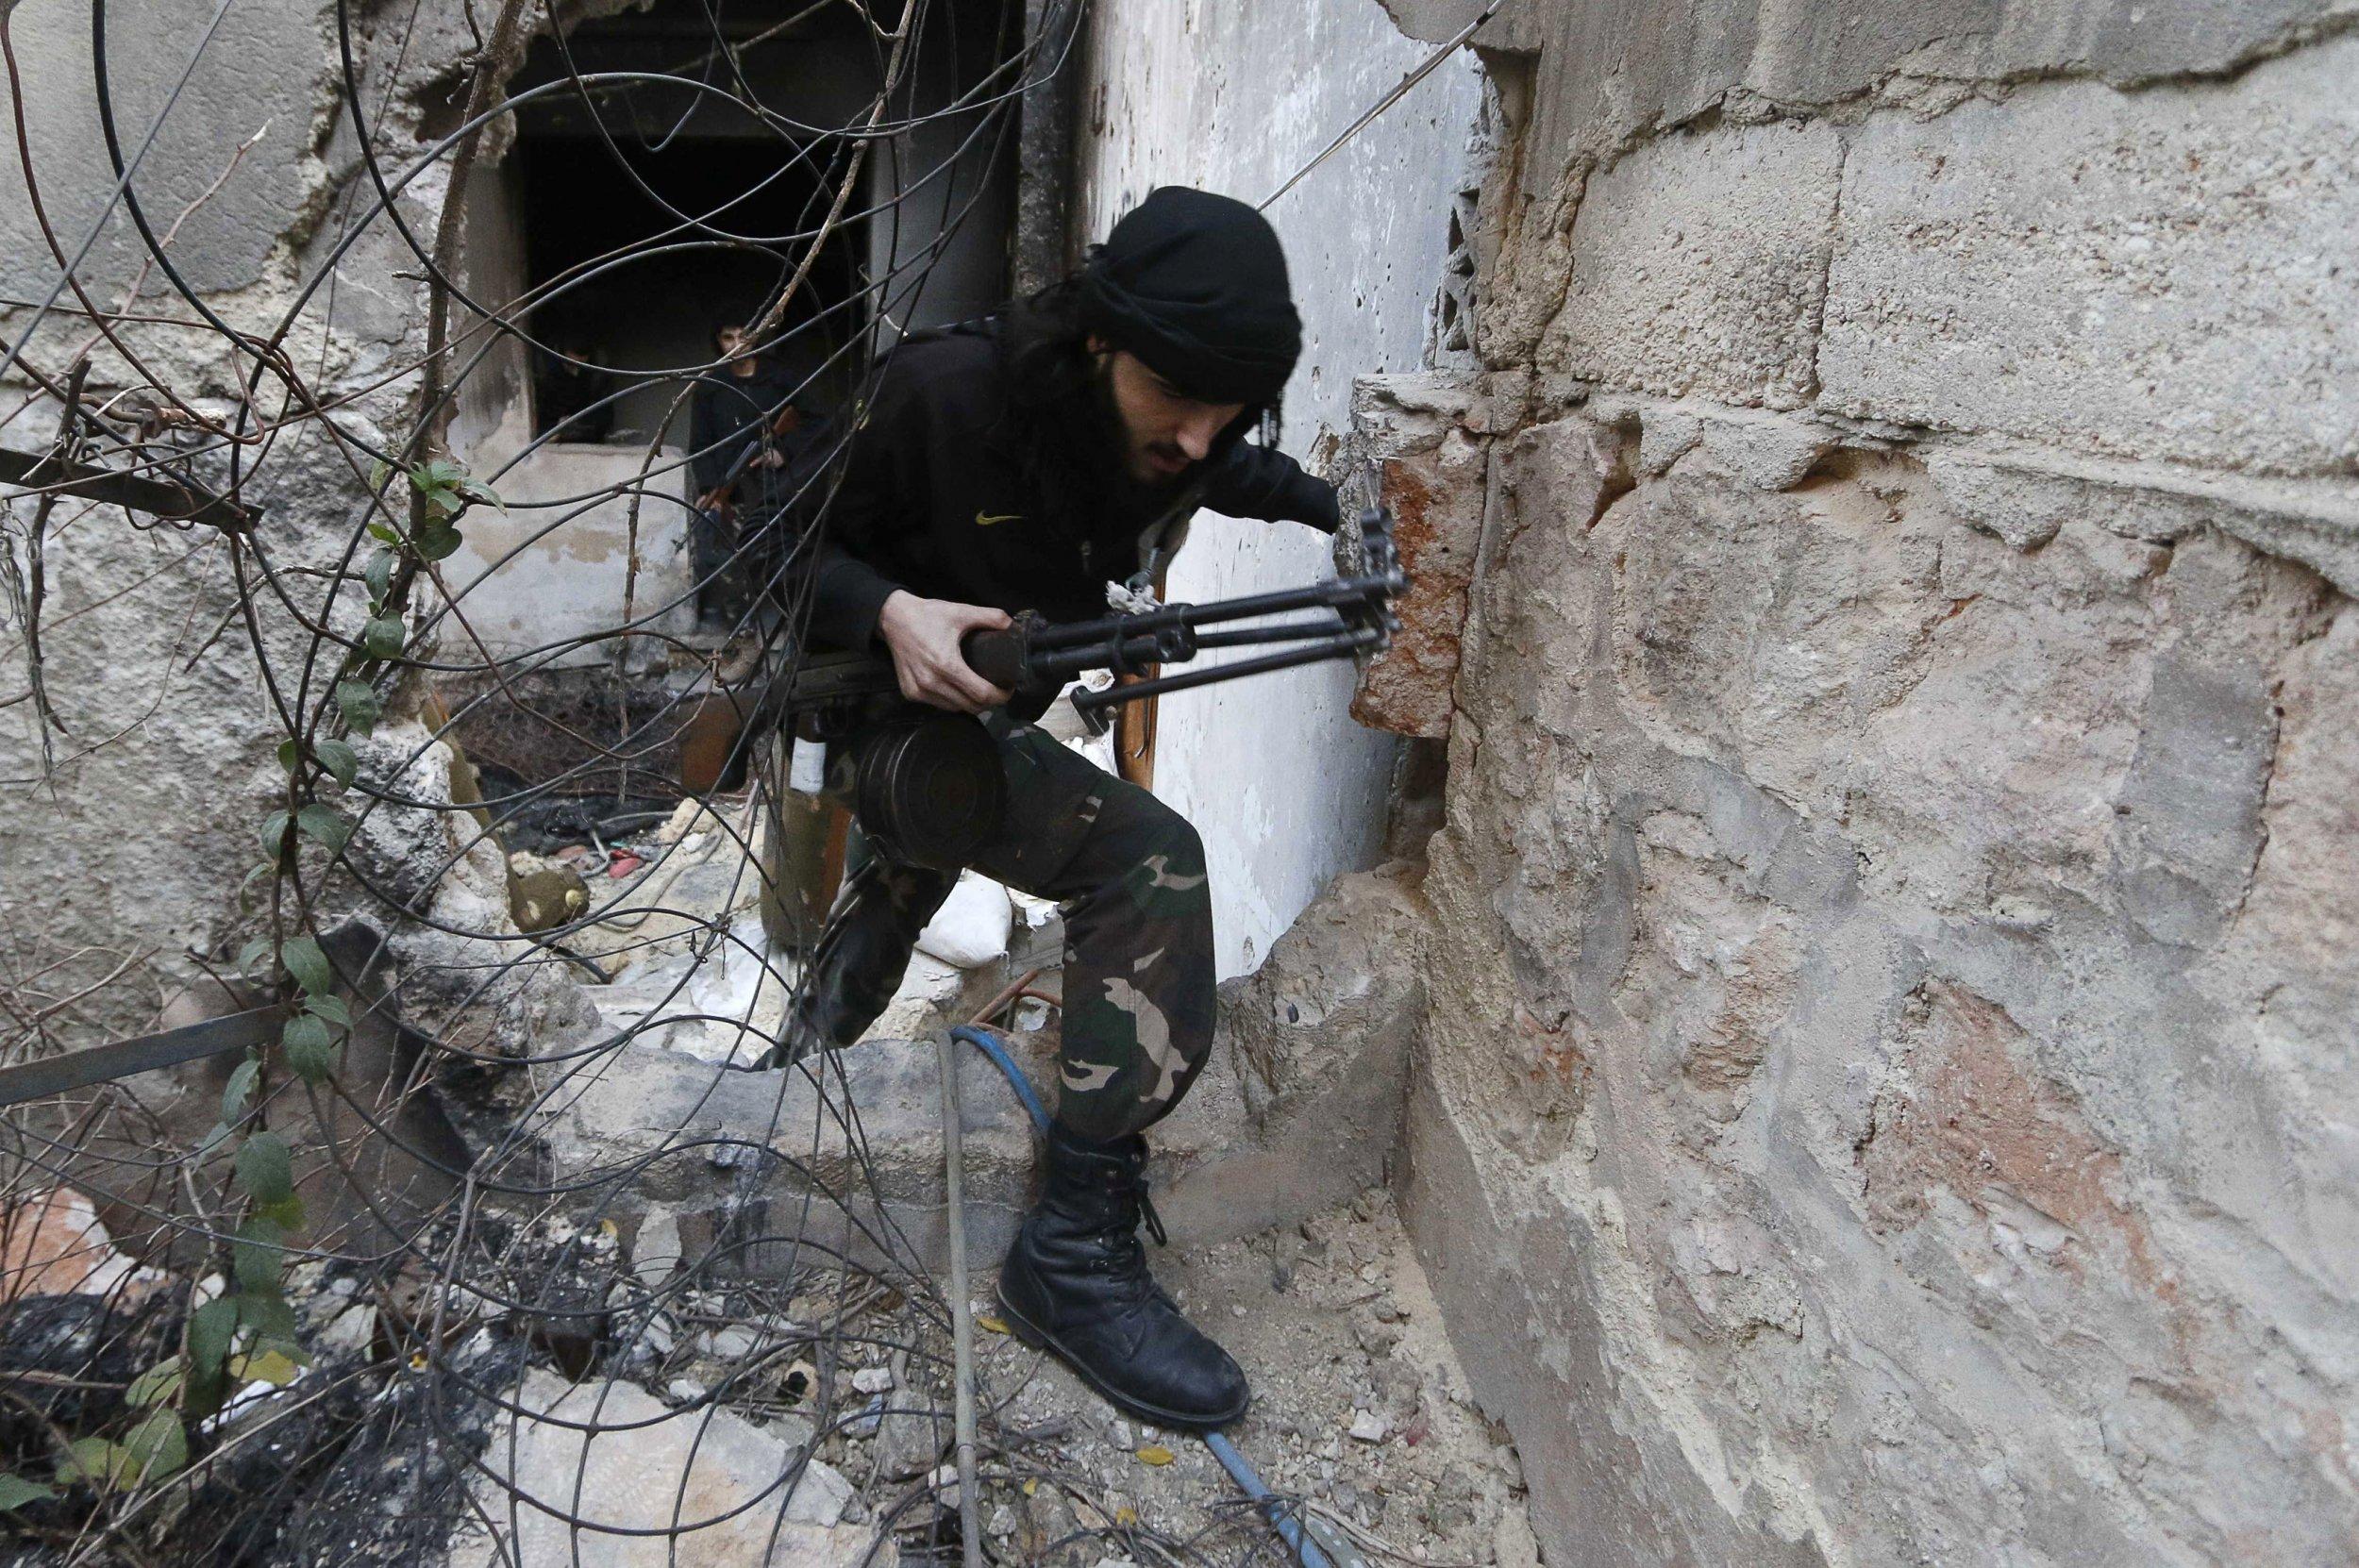 2014-12-01T153149Z_2_LYNXNPEAB014P_RTROPTP_4_SYRIA-CRISIS